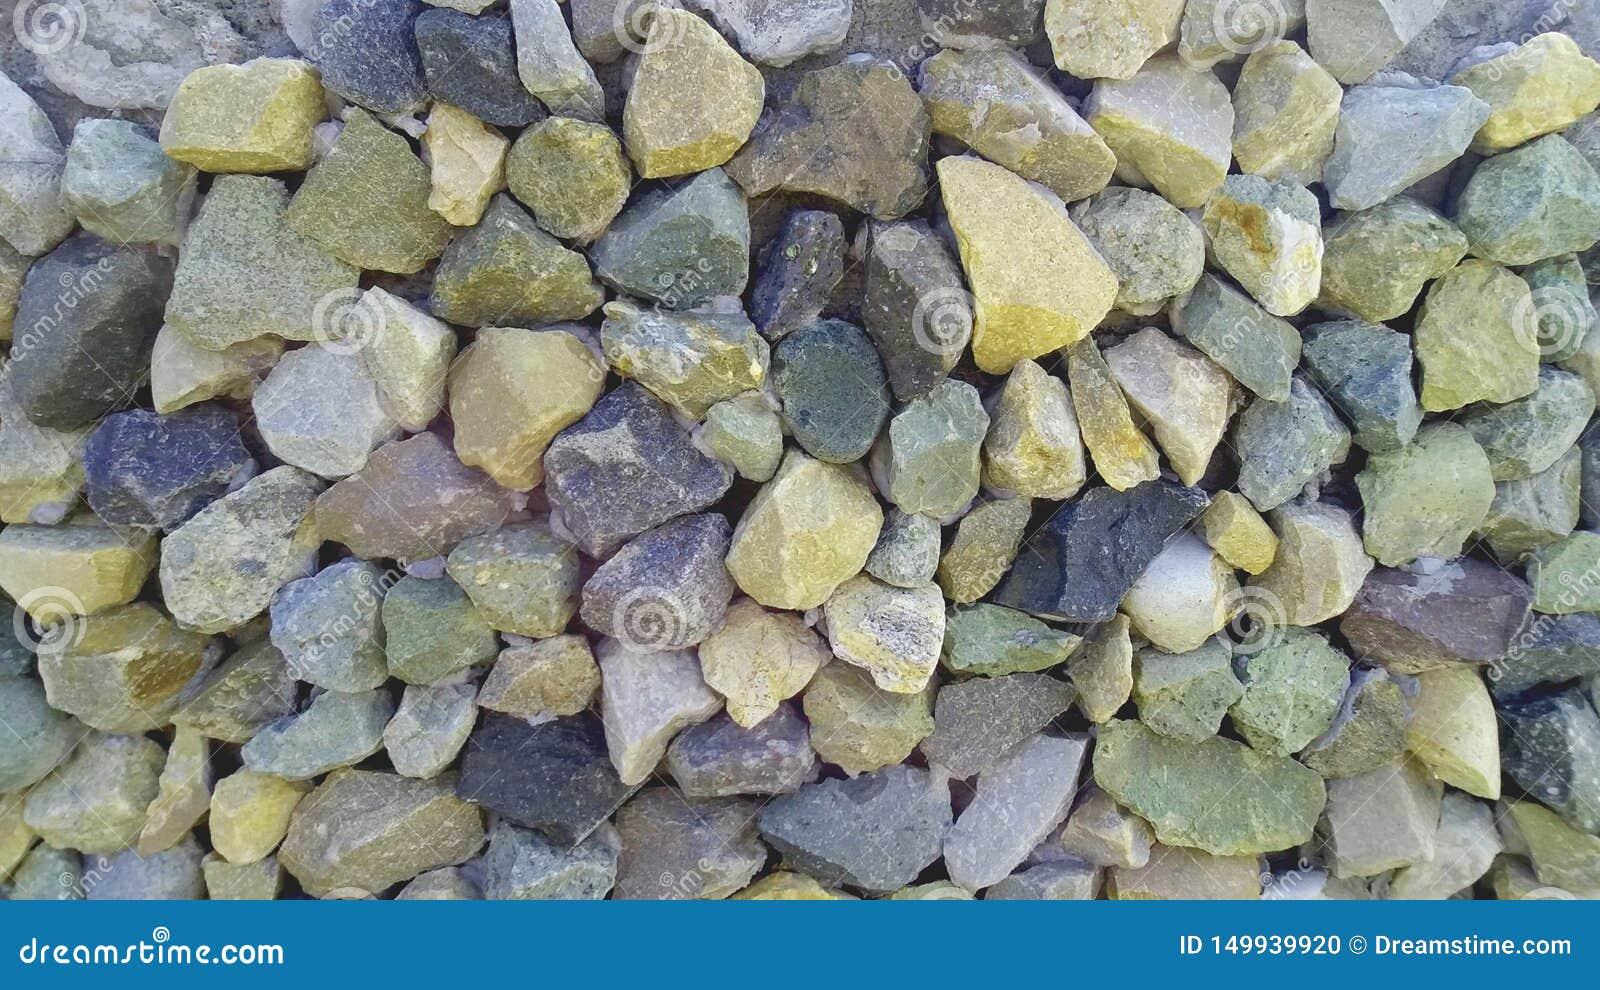 Los guijarros de las piedras cubren con grava piedras machacadas